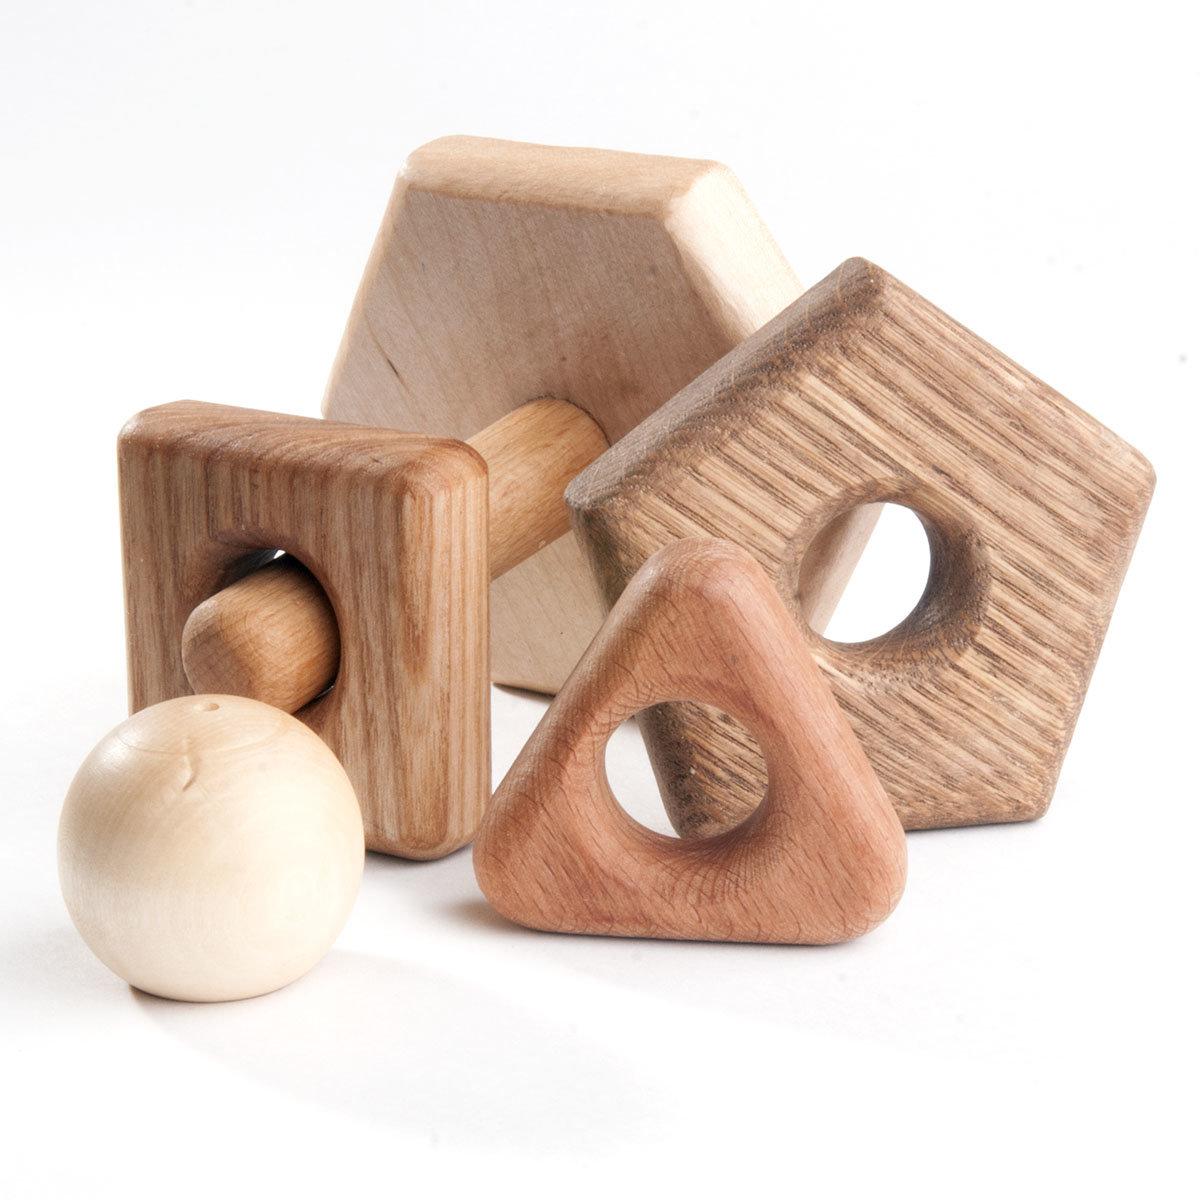 картинки деревяных игрушек две модели